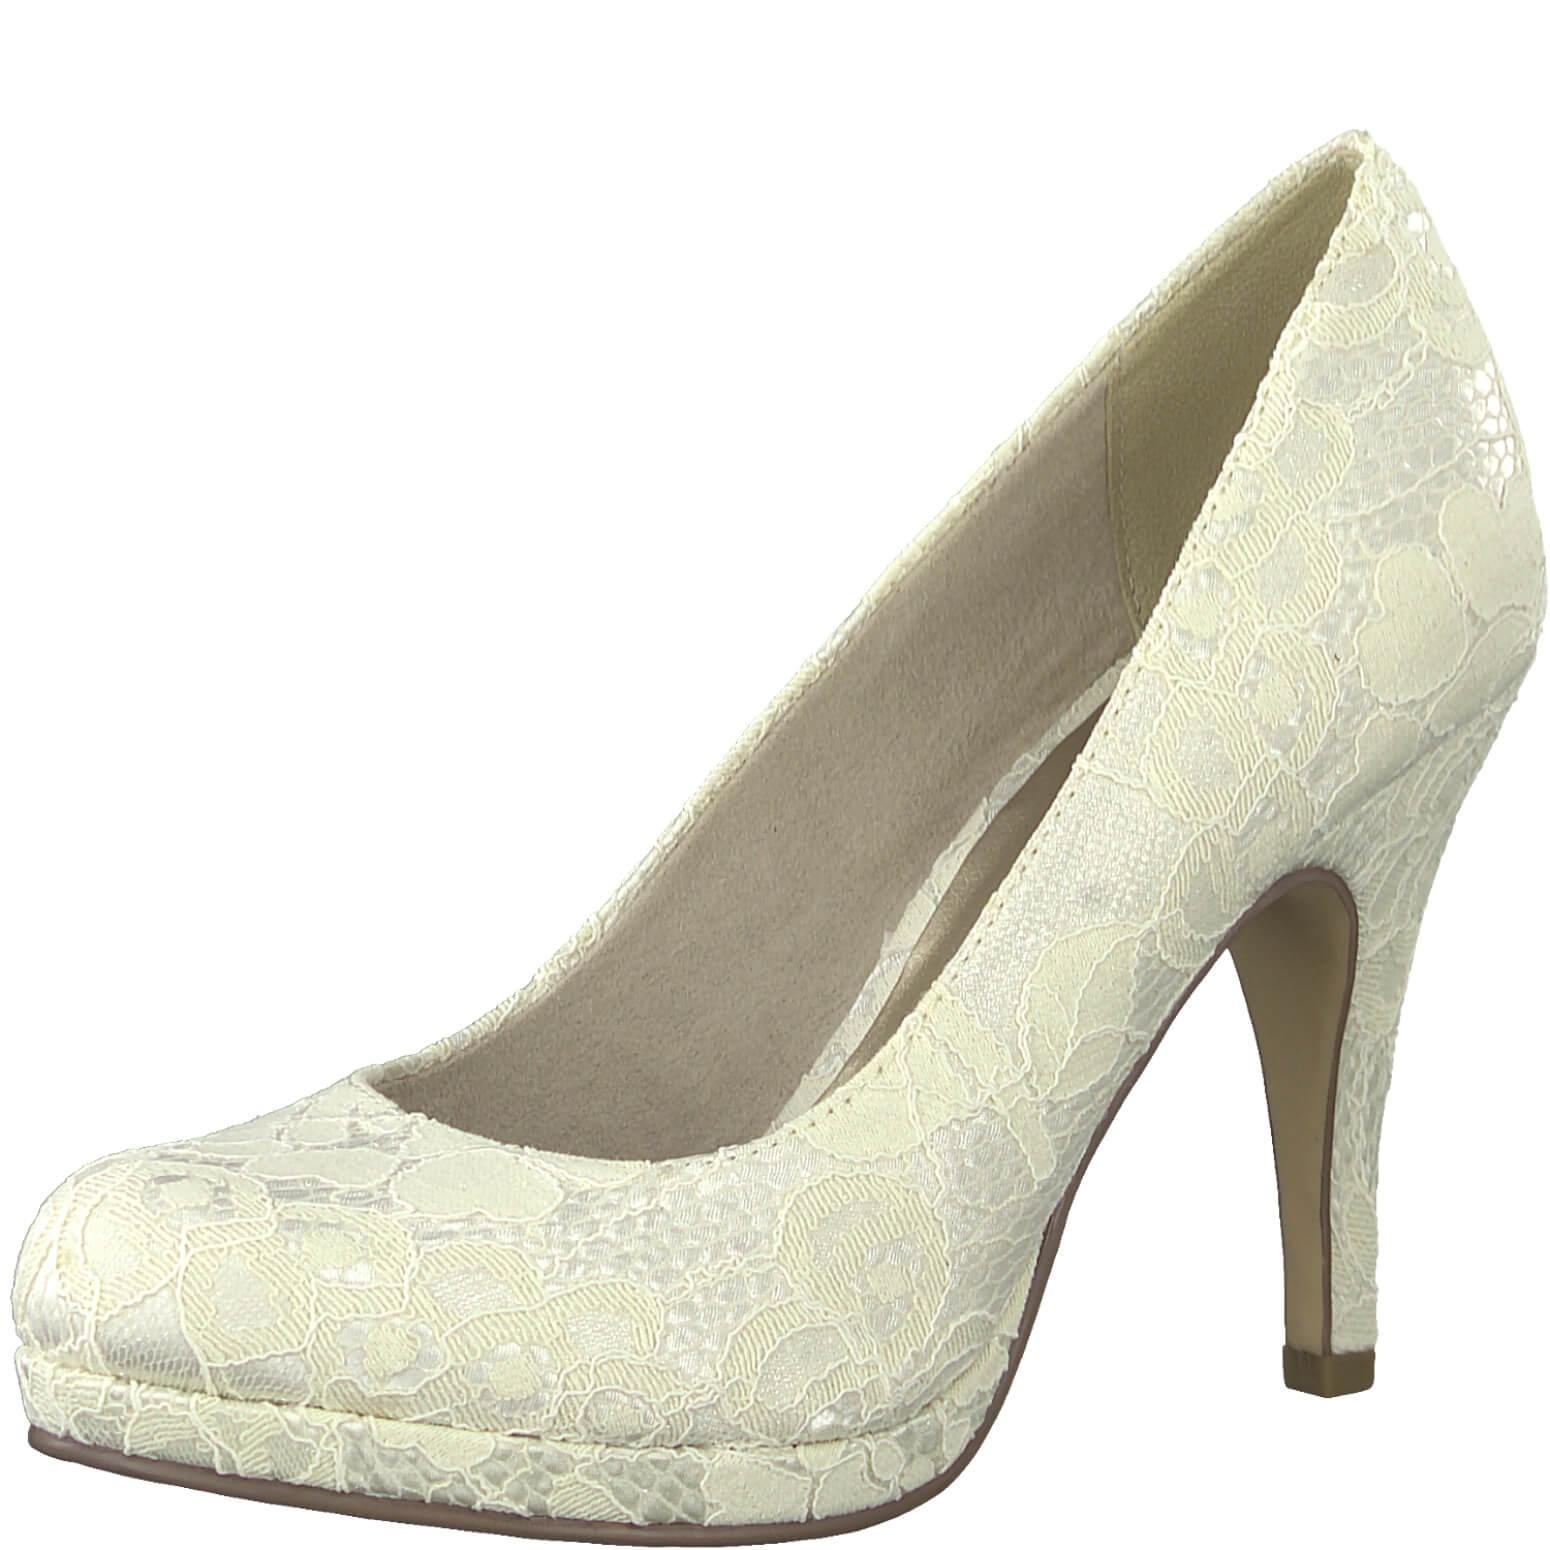 Tamaris Női alkalmi cipő 1-1-22407-22-419 Ivory Macramee Ingyenes ... b4fb24bfe1